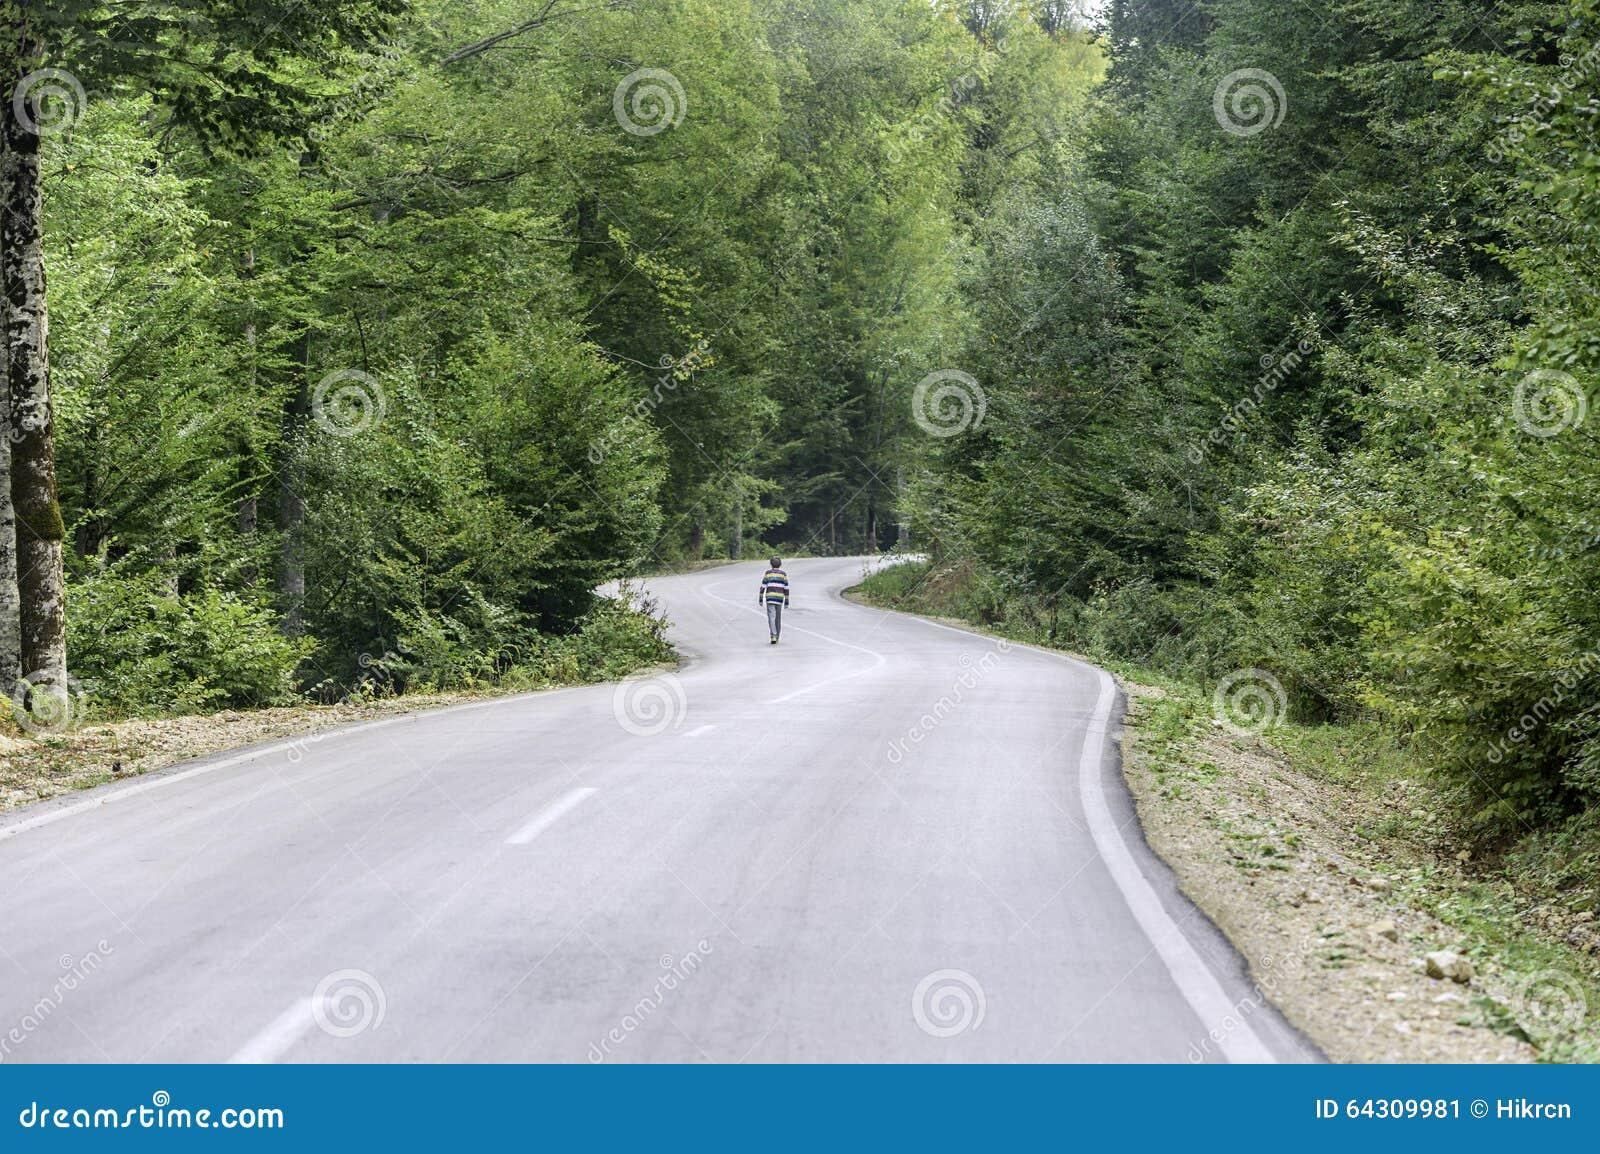 boy walking alone on road - photo #16